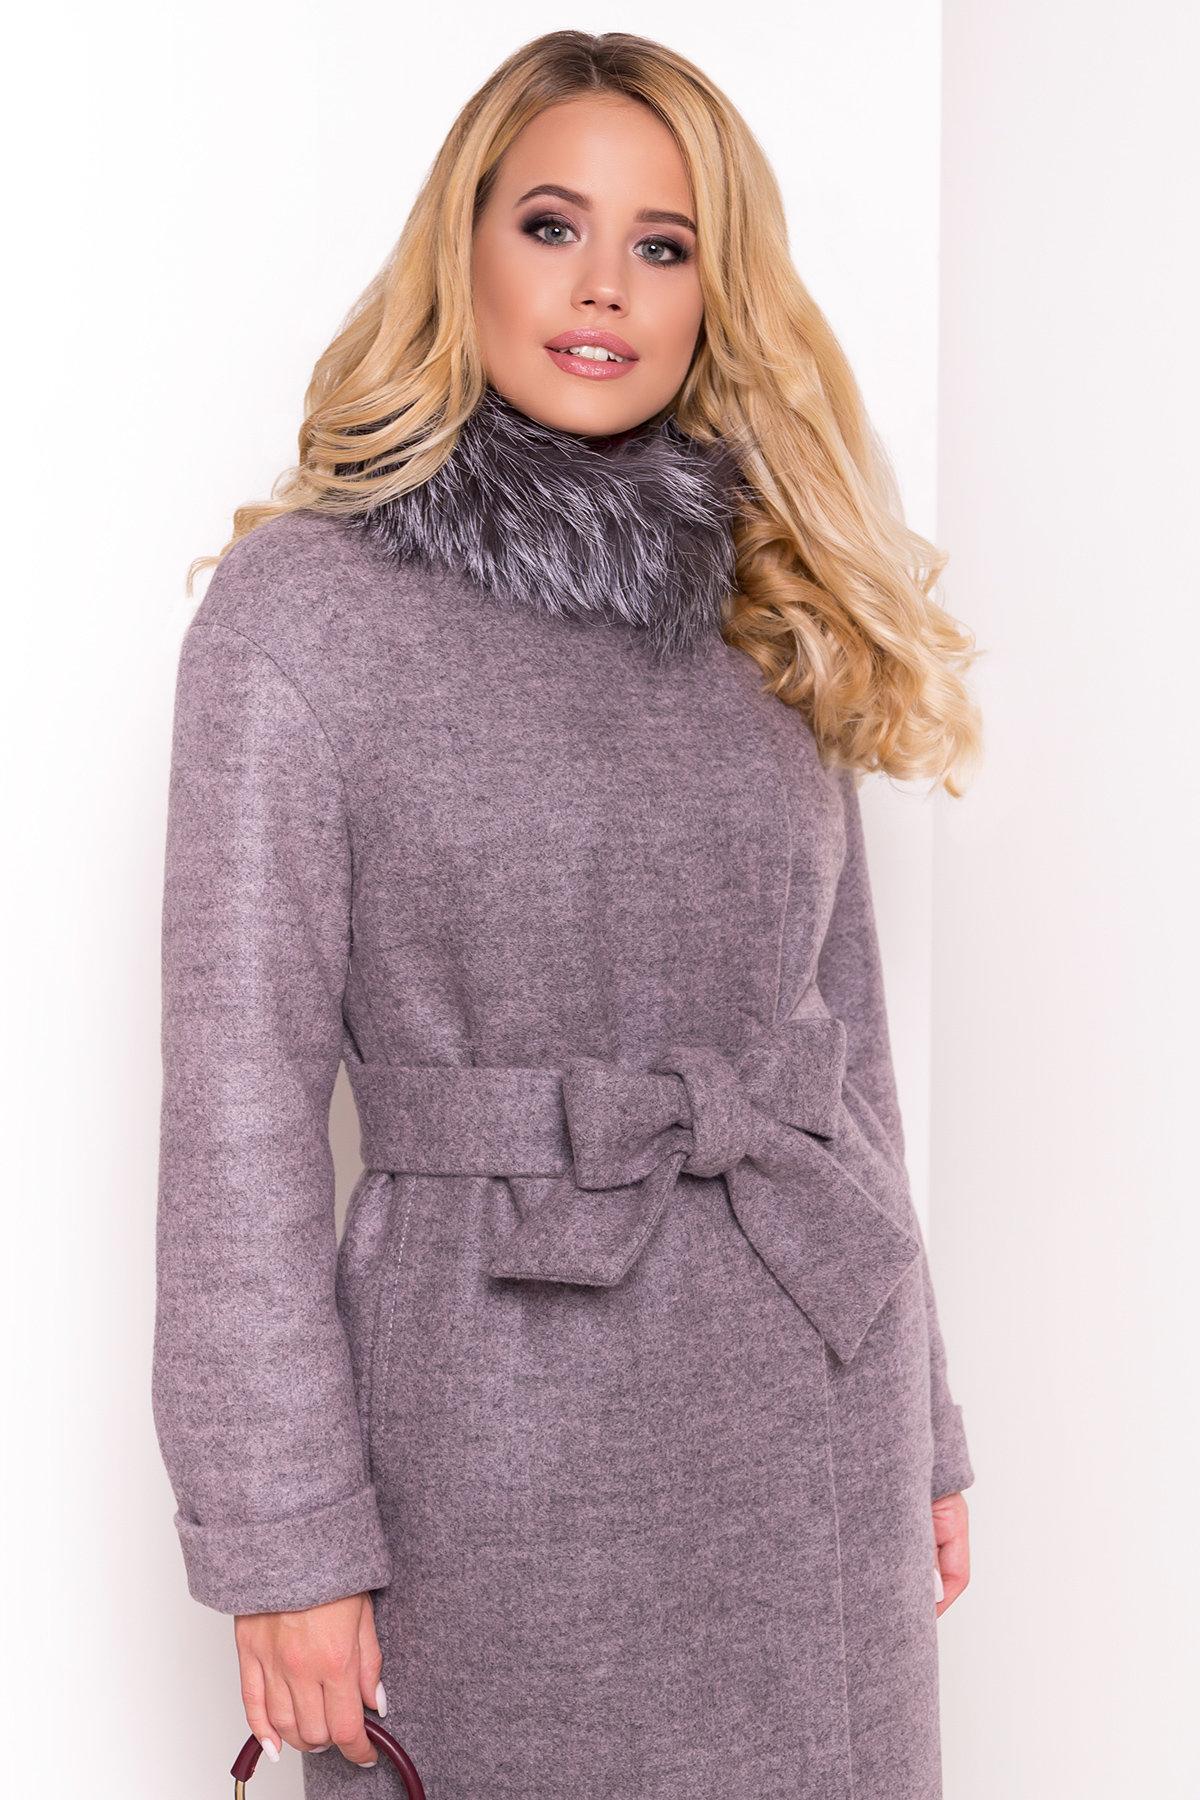 Пальто зима Приора 5669 АРТ. 38174 Цвет: Карамель 20 - фото 5, интернет магазин tm-modus.ru